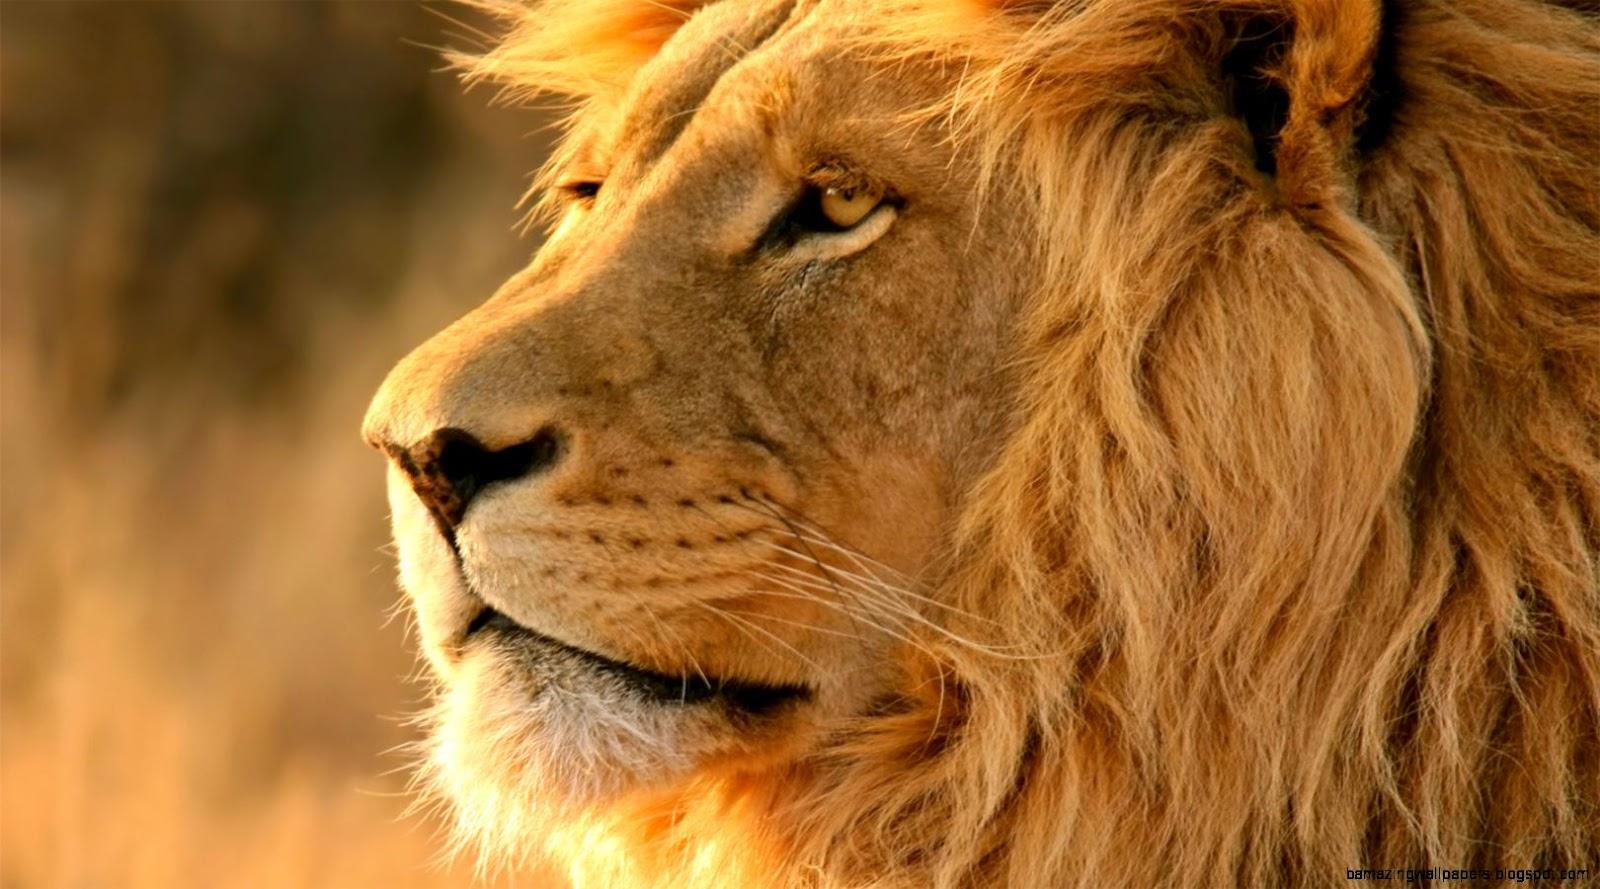 Hd Lion Pictures Lions Wallpapers: Lion Wallpaper Desktop Hd